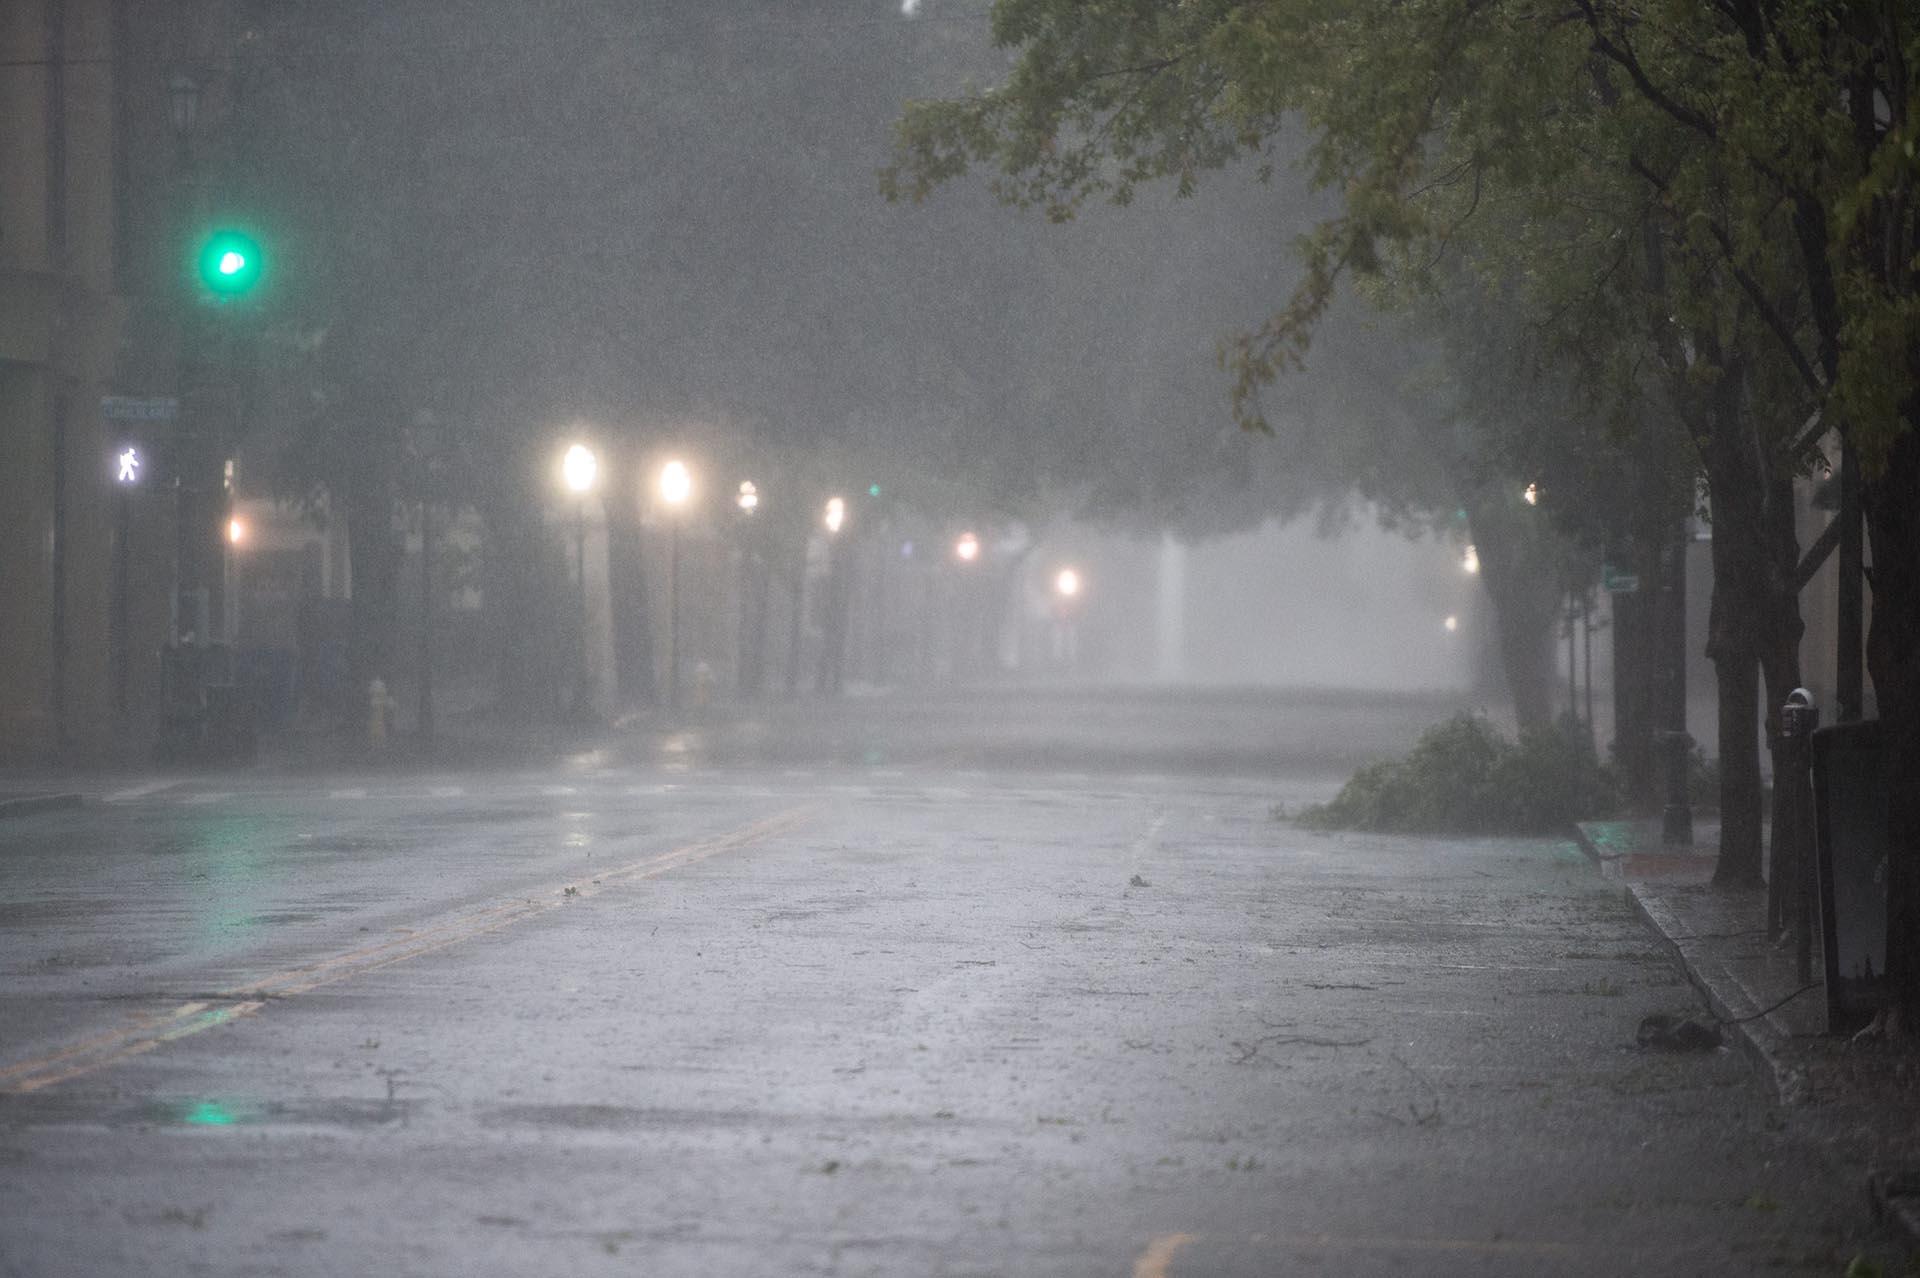 Meeting Street en Charleston, SC, está desierta con algunos escombros menores de los árboles esparcidos en el suelo a medida que el huracán Dorian se mueve a lo largo de la costa de Carolina del Sur el jueves 5 de septiembre de 2019. El centro de la tormenta estaba a 100 kilómetros al sur-sureste de Charleston a las 7 a. m. con vientos sostenidos de 185 km/h, según el Centro Nacional de Huracanes (Charleston Dorian)